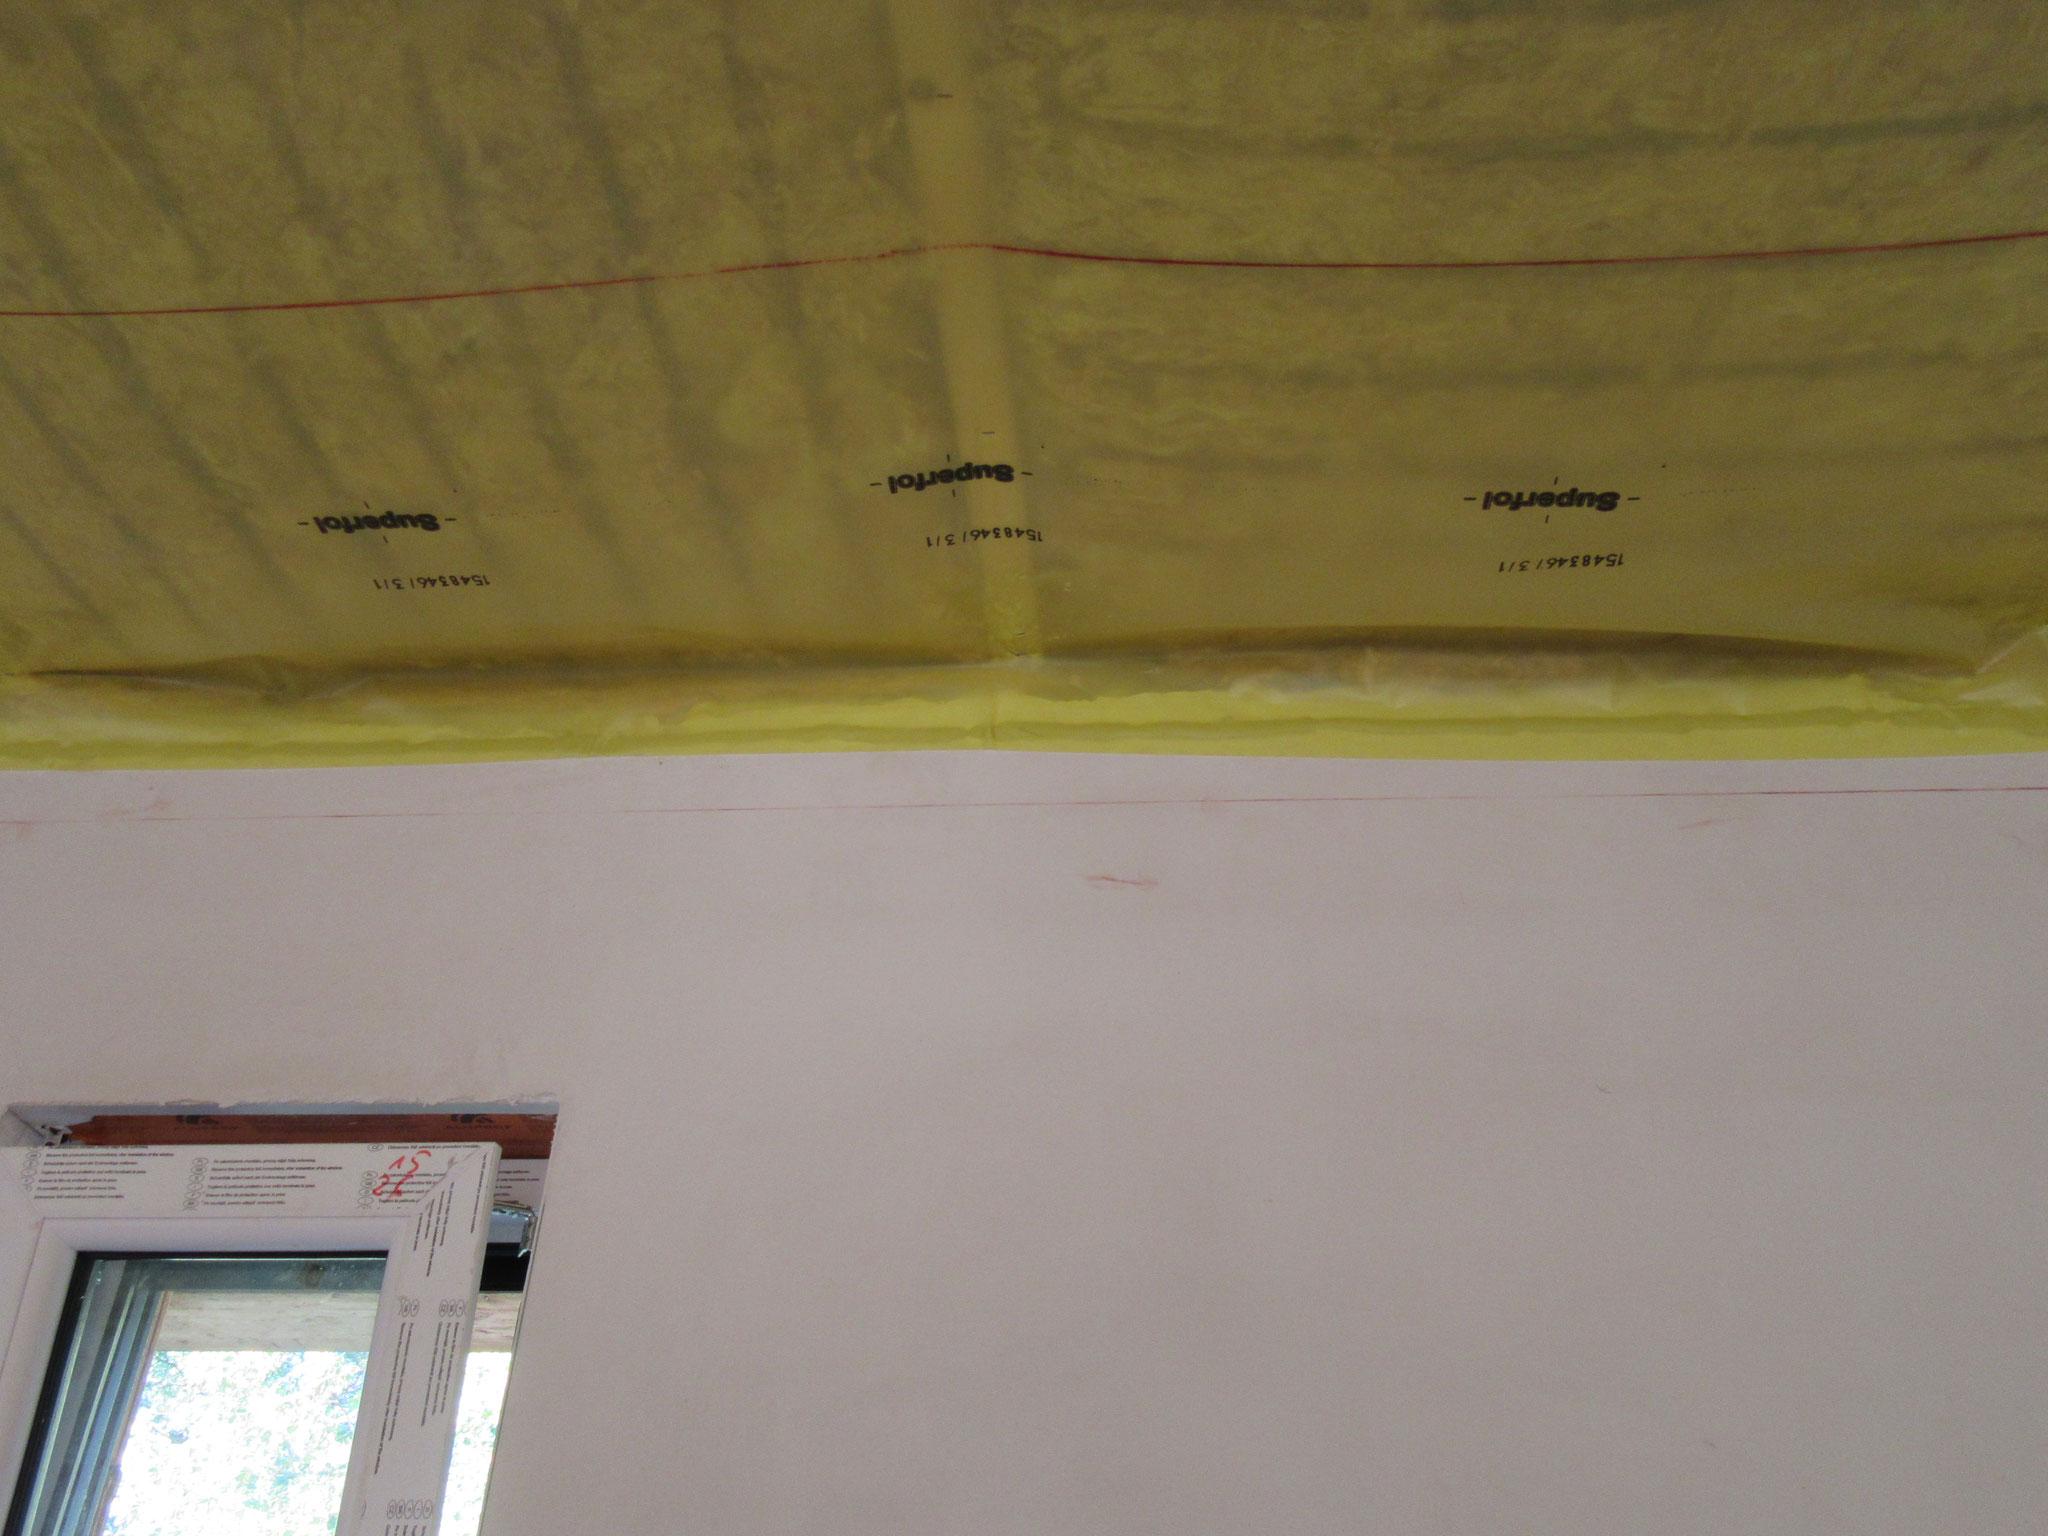 Verklebung der Folie auf das Mauerwerk (Dampfbremse)